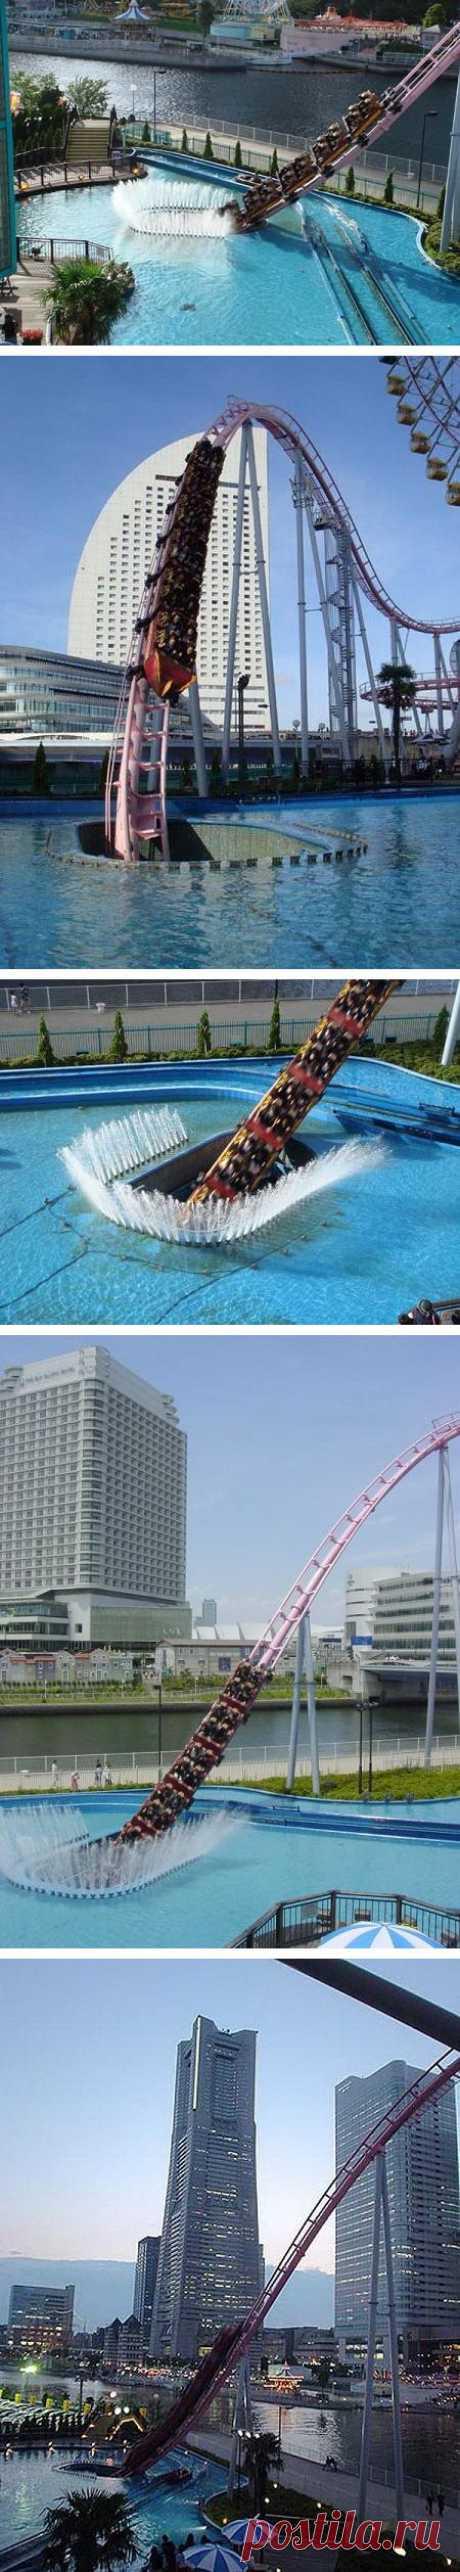 Американские горки ныряющие в бассейн! Япония